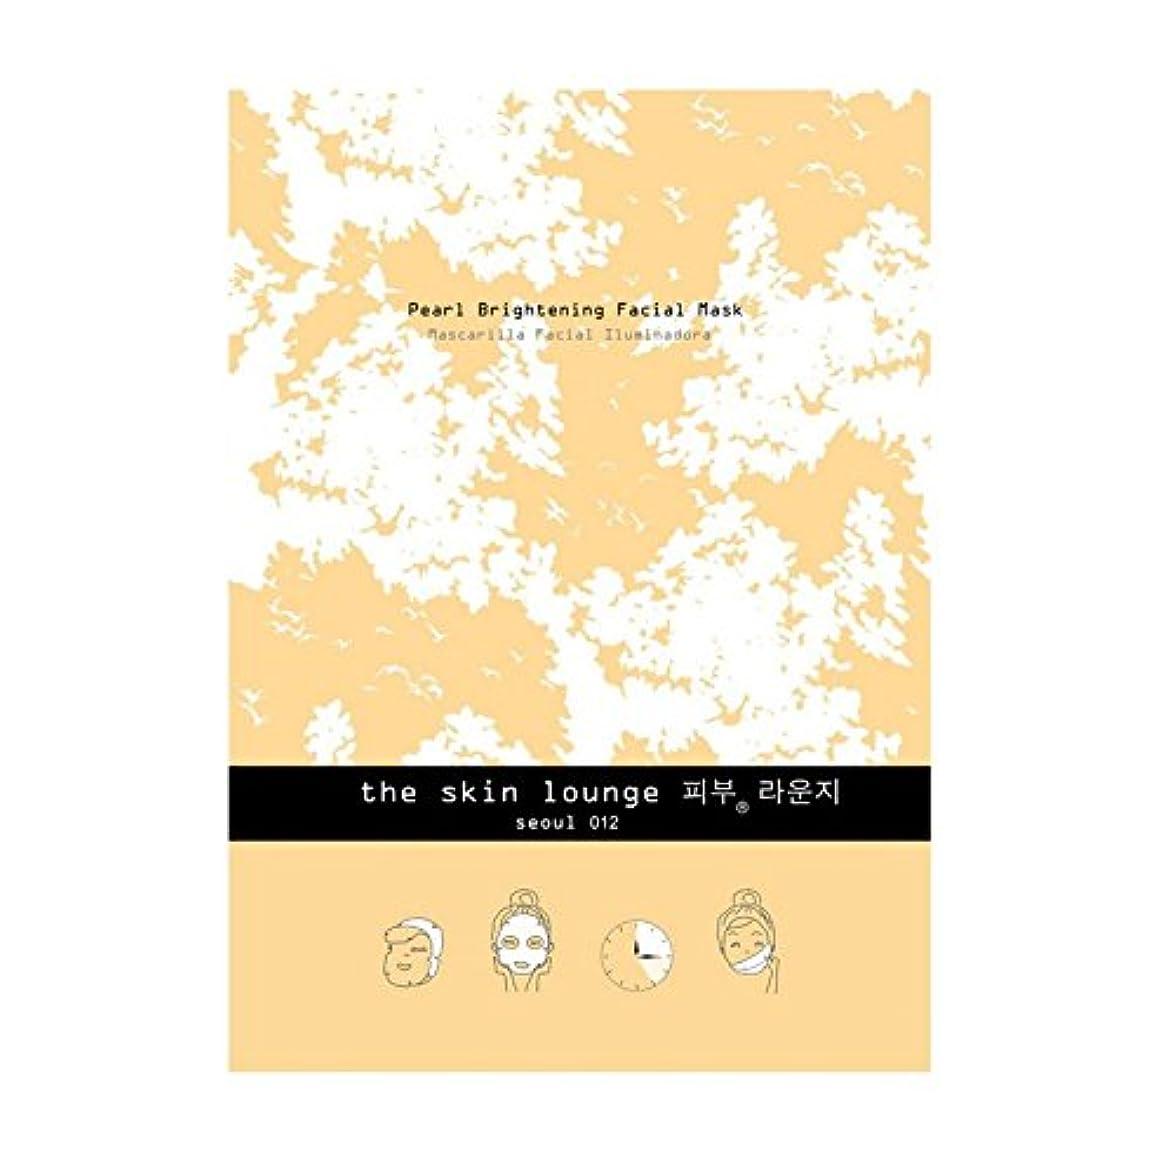 バルセロナりポーター単一セルロースマスクを明るく皮膚ラウンジ真珠 x4 - The Skin Lounge Pearl Brightening Single Cellulose Mask (Pack of 4) [並行輸入品]